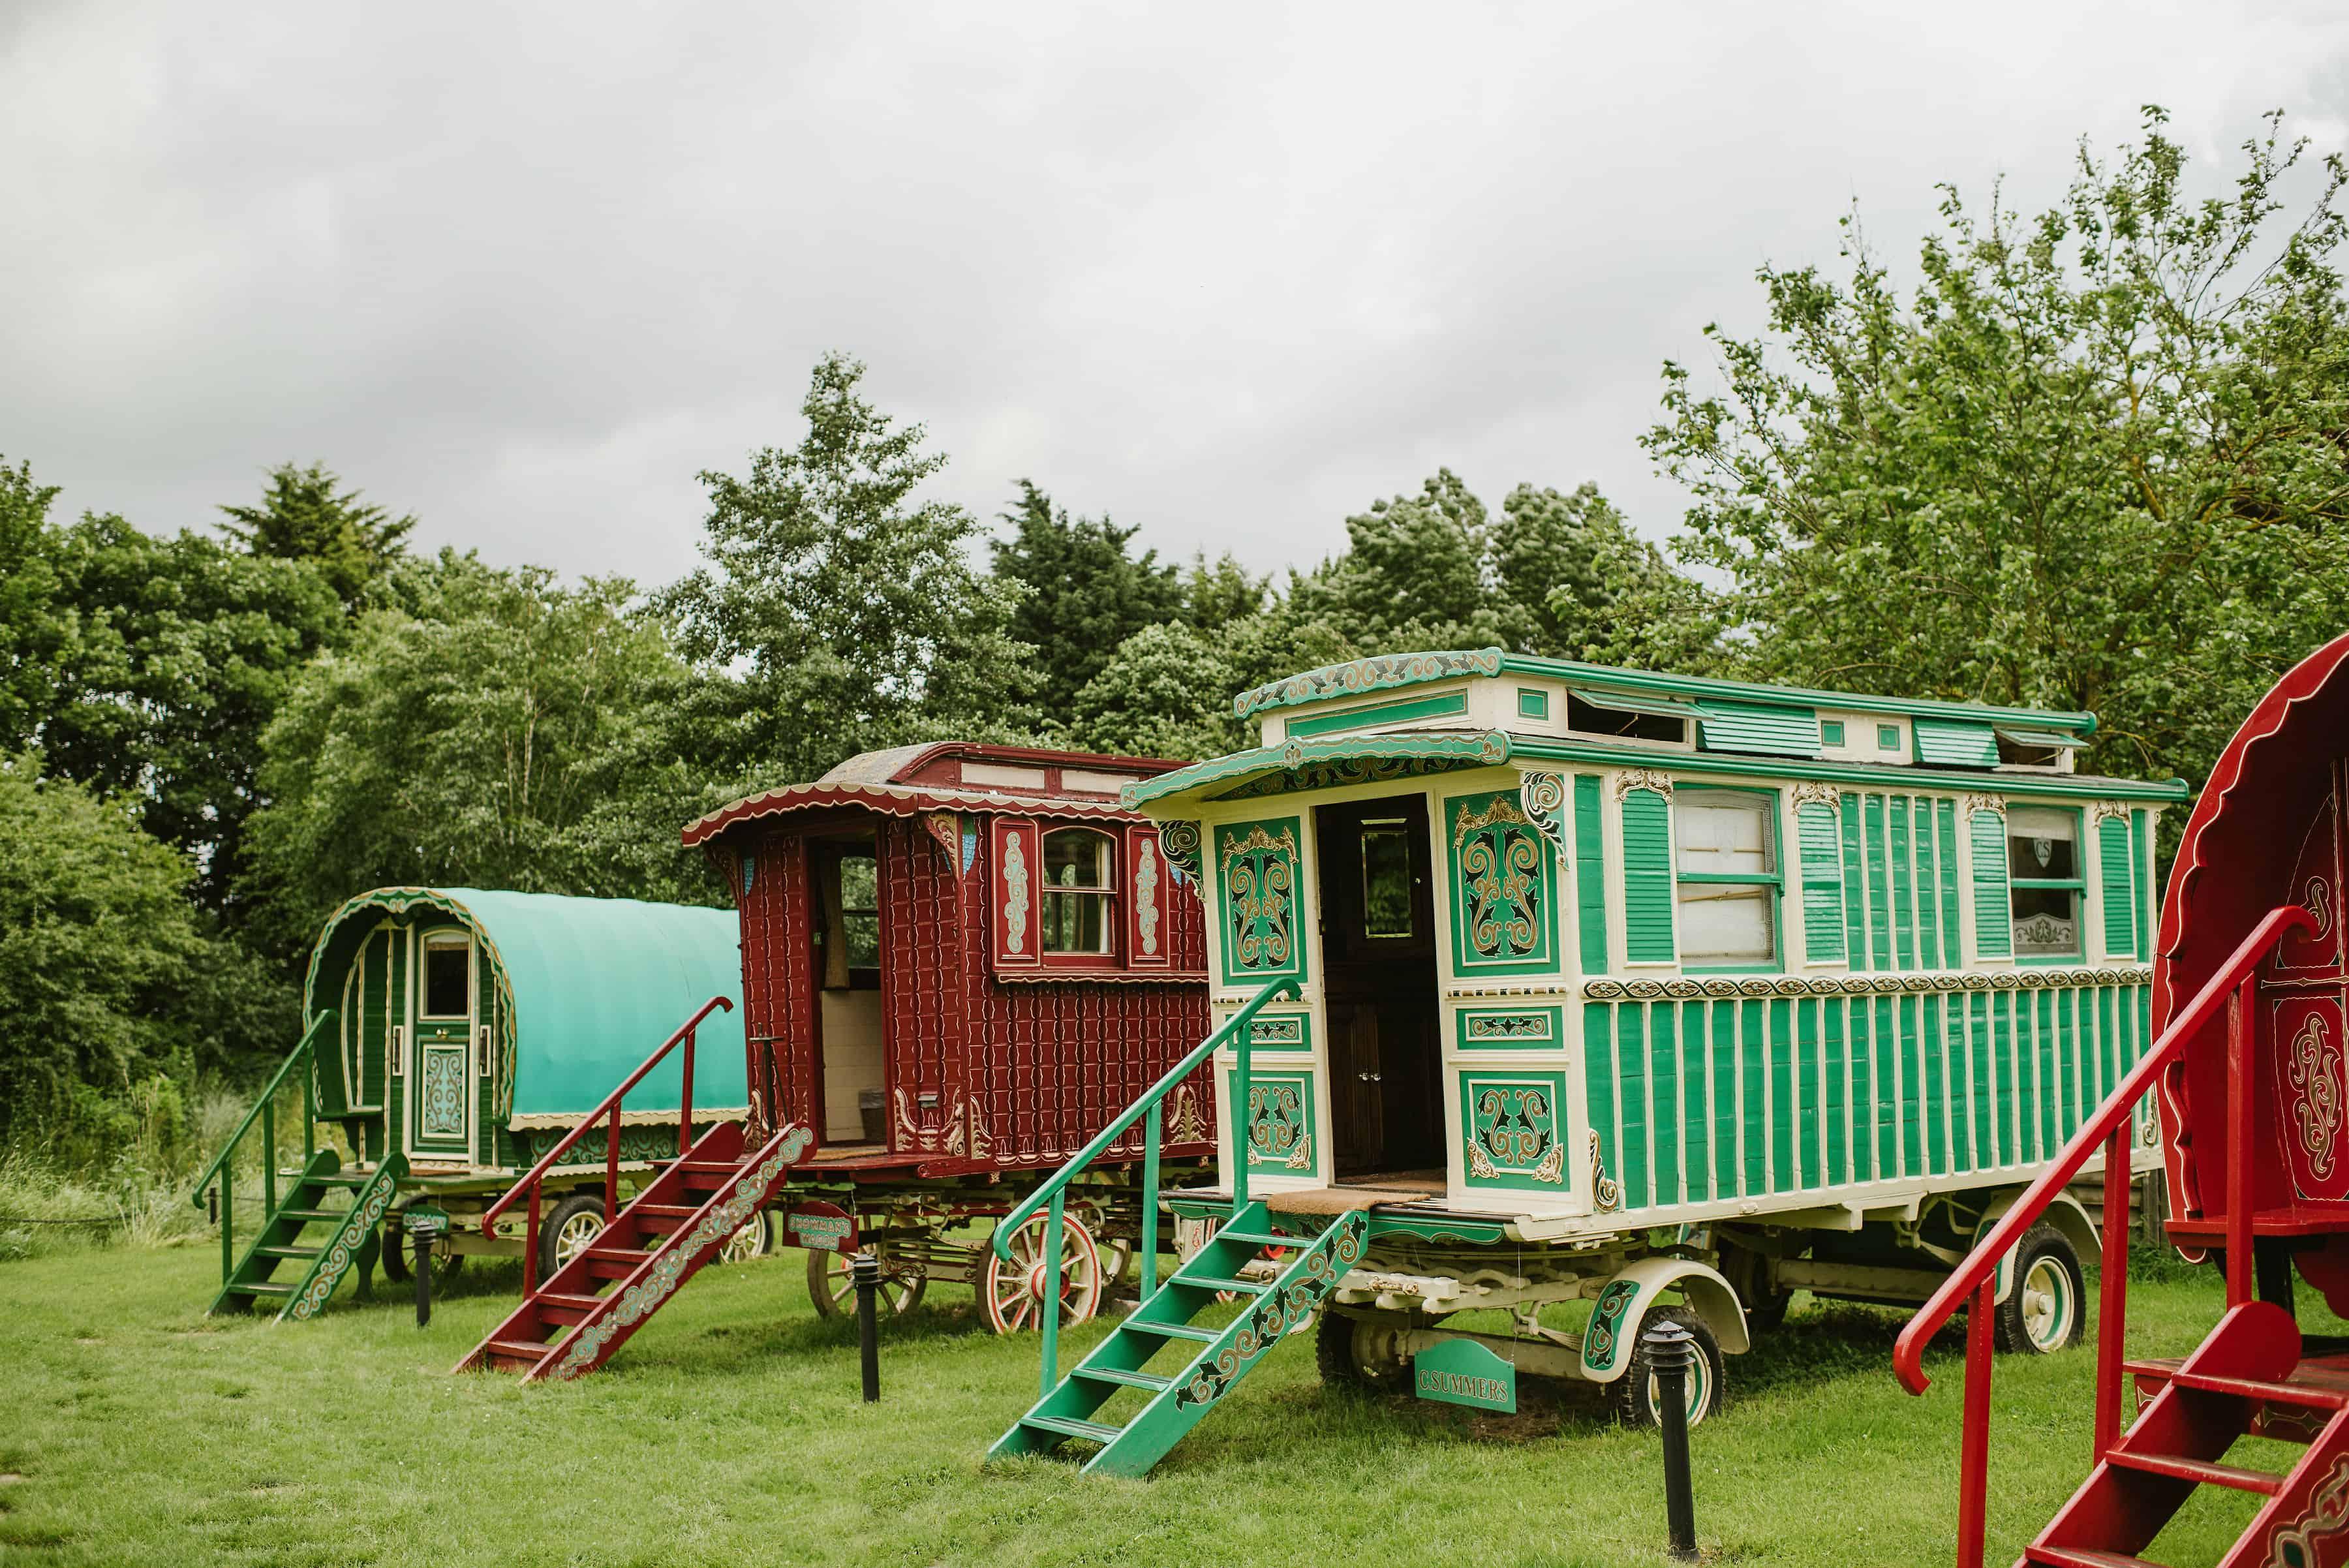 South Farm wedding venue gypsy caravans